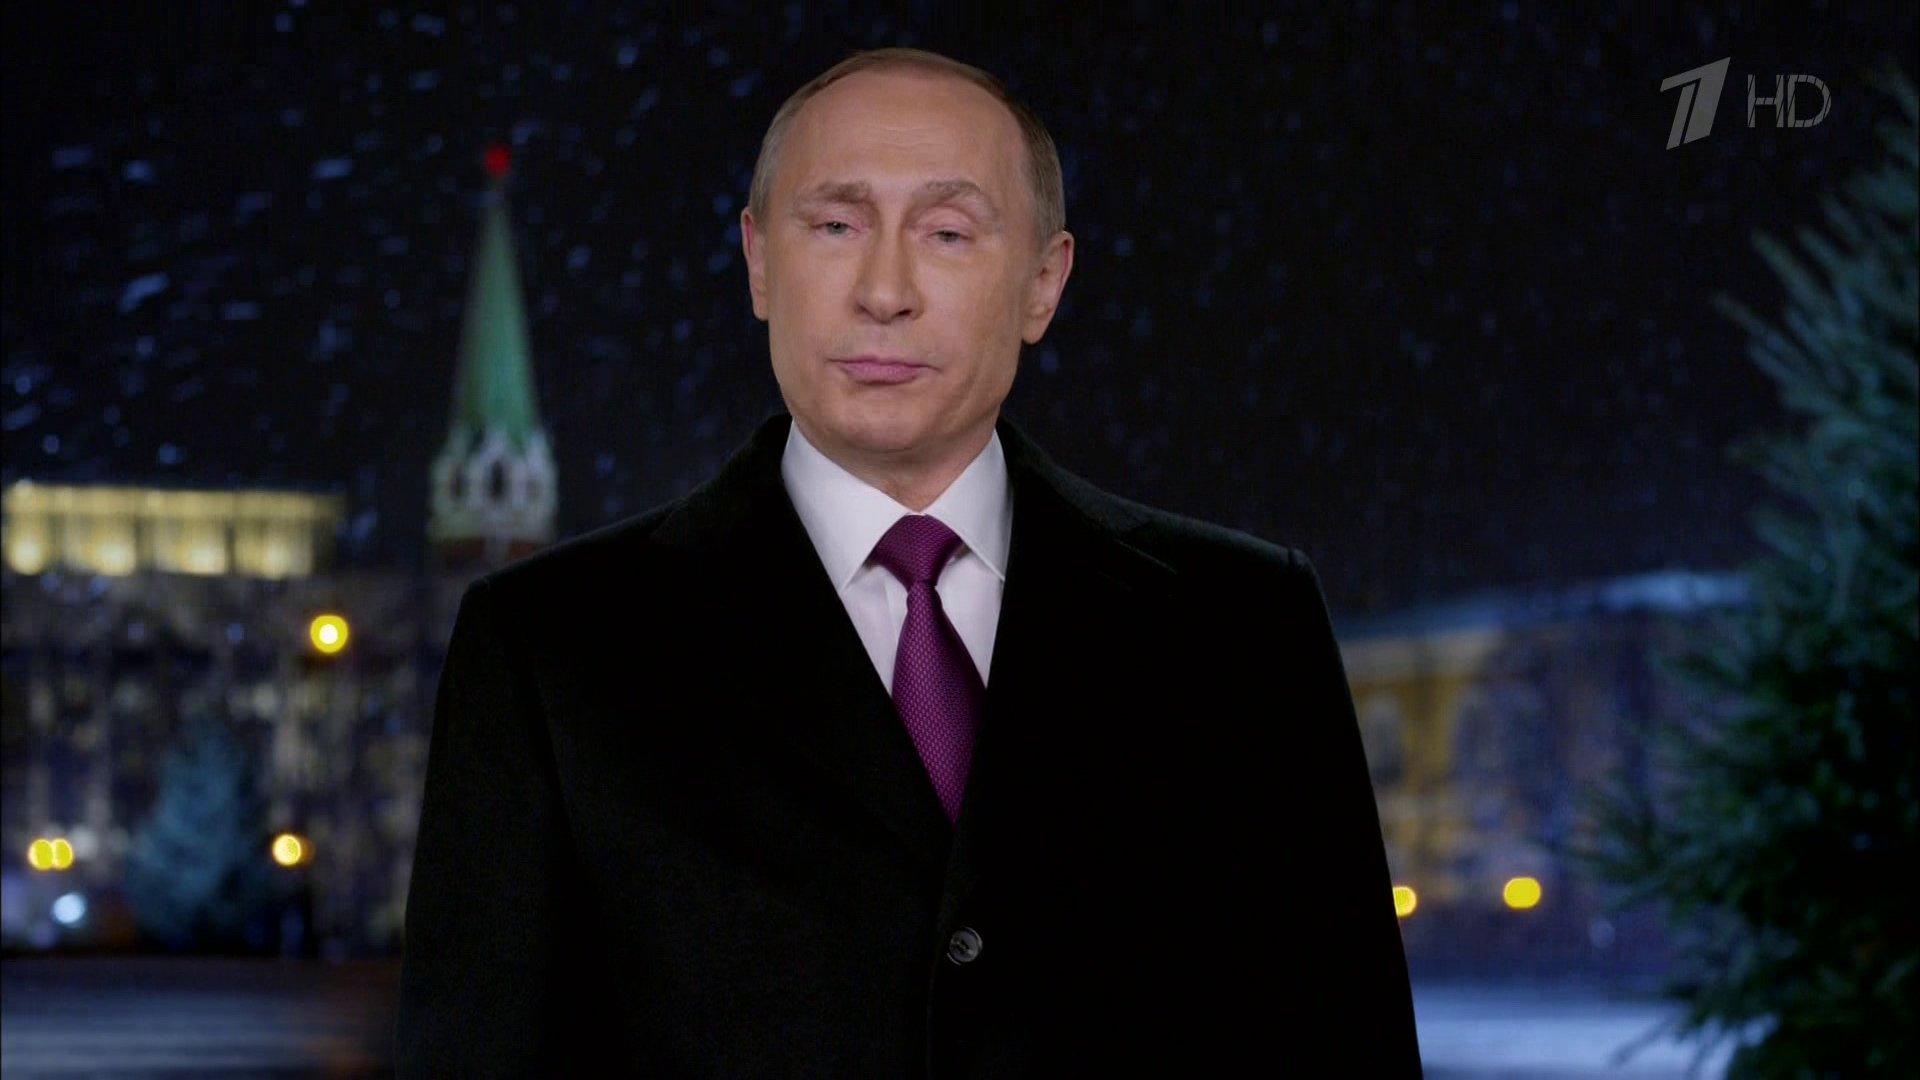 Обращение президента к народу на новый год